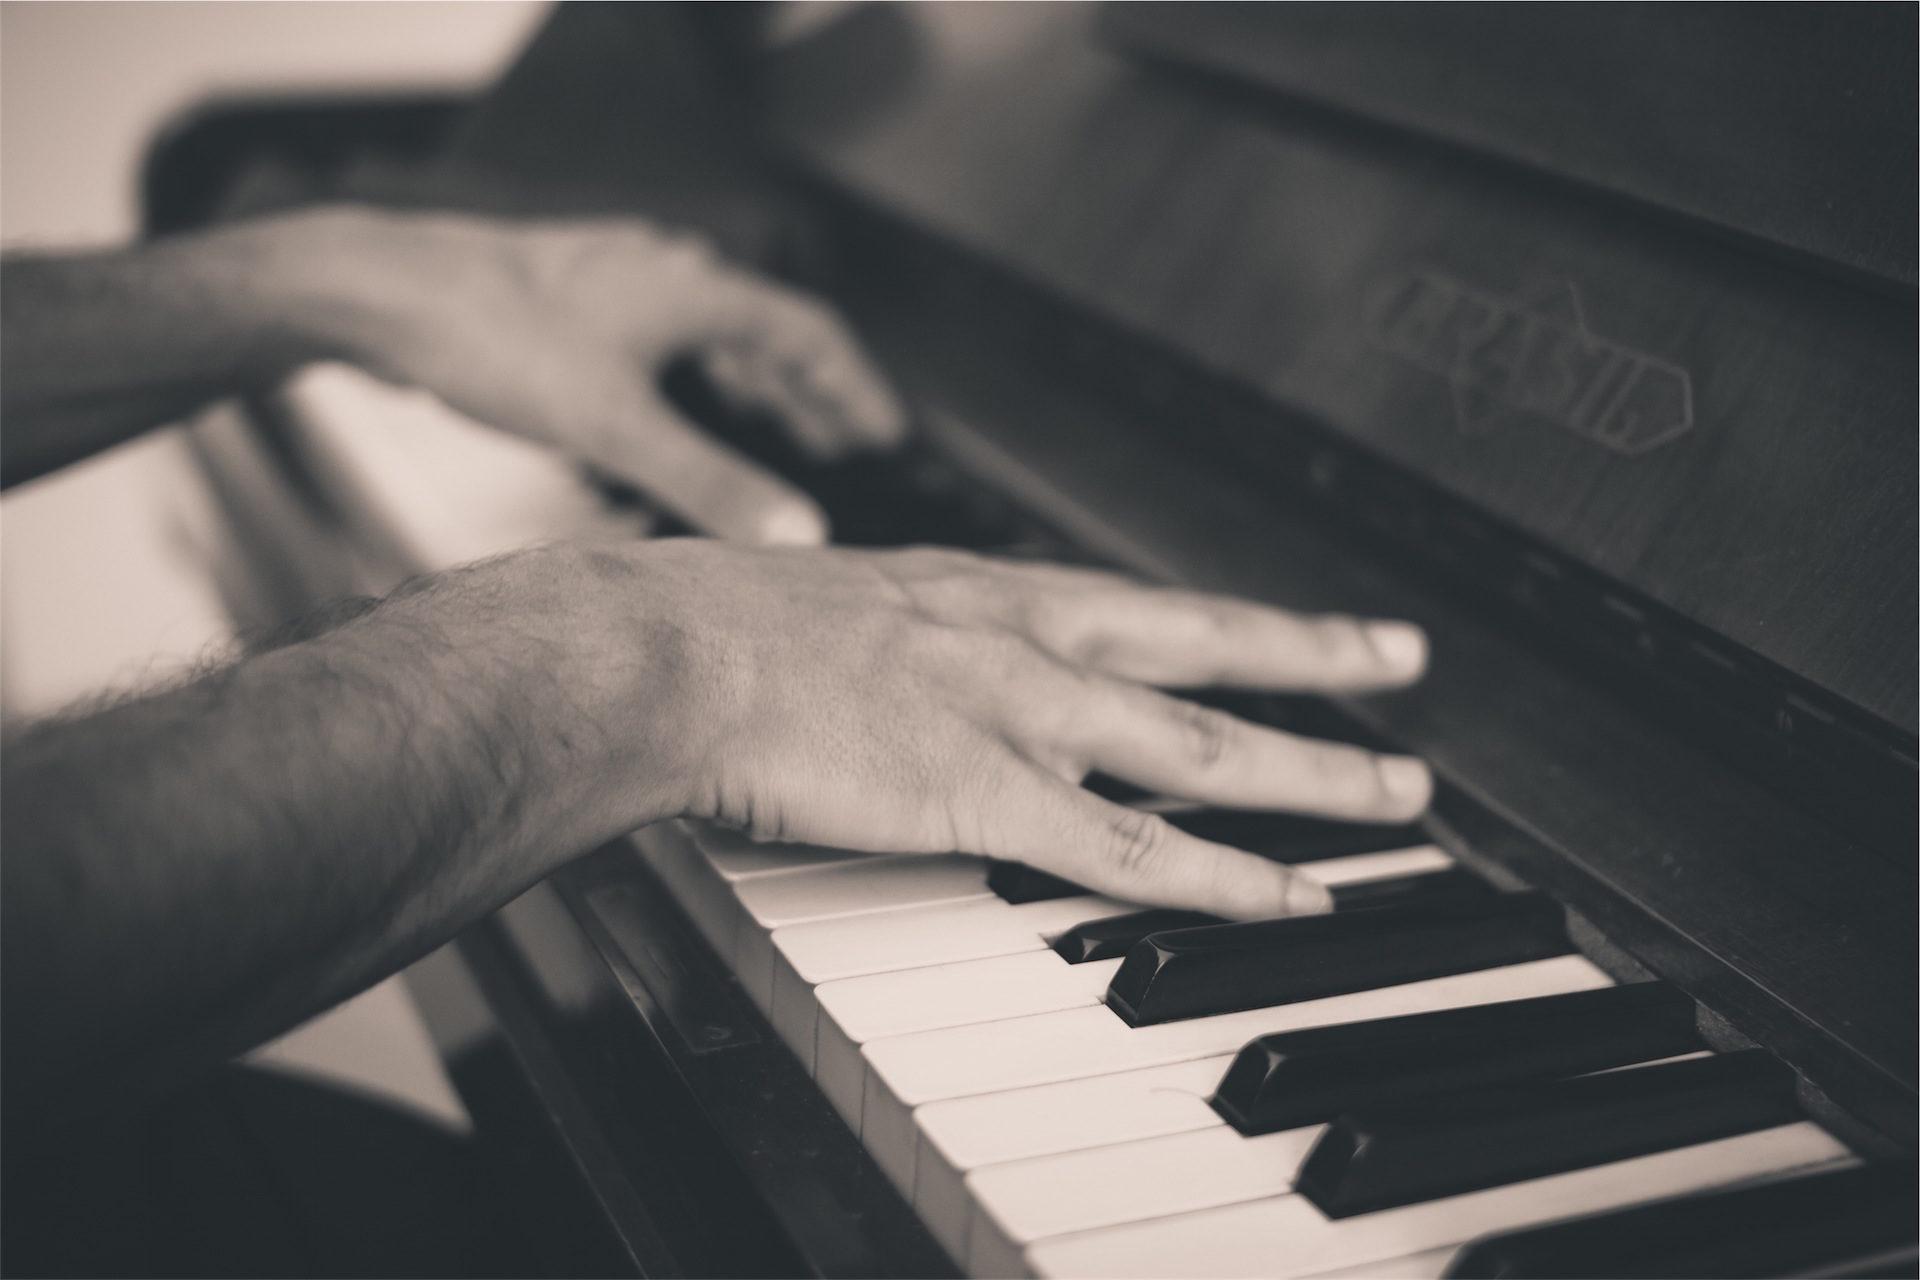 Klavier, Hände, Mann, Schlüssel, in schwarz und weiß - Wallpaper HD - Prof.-falken.com